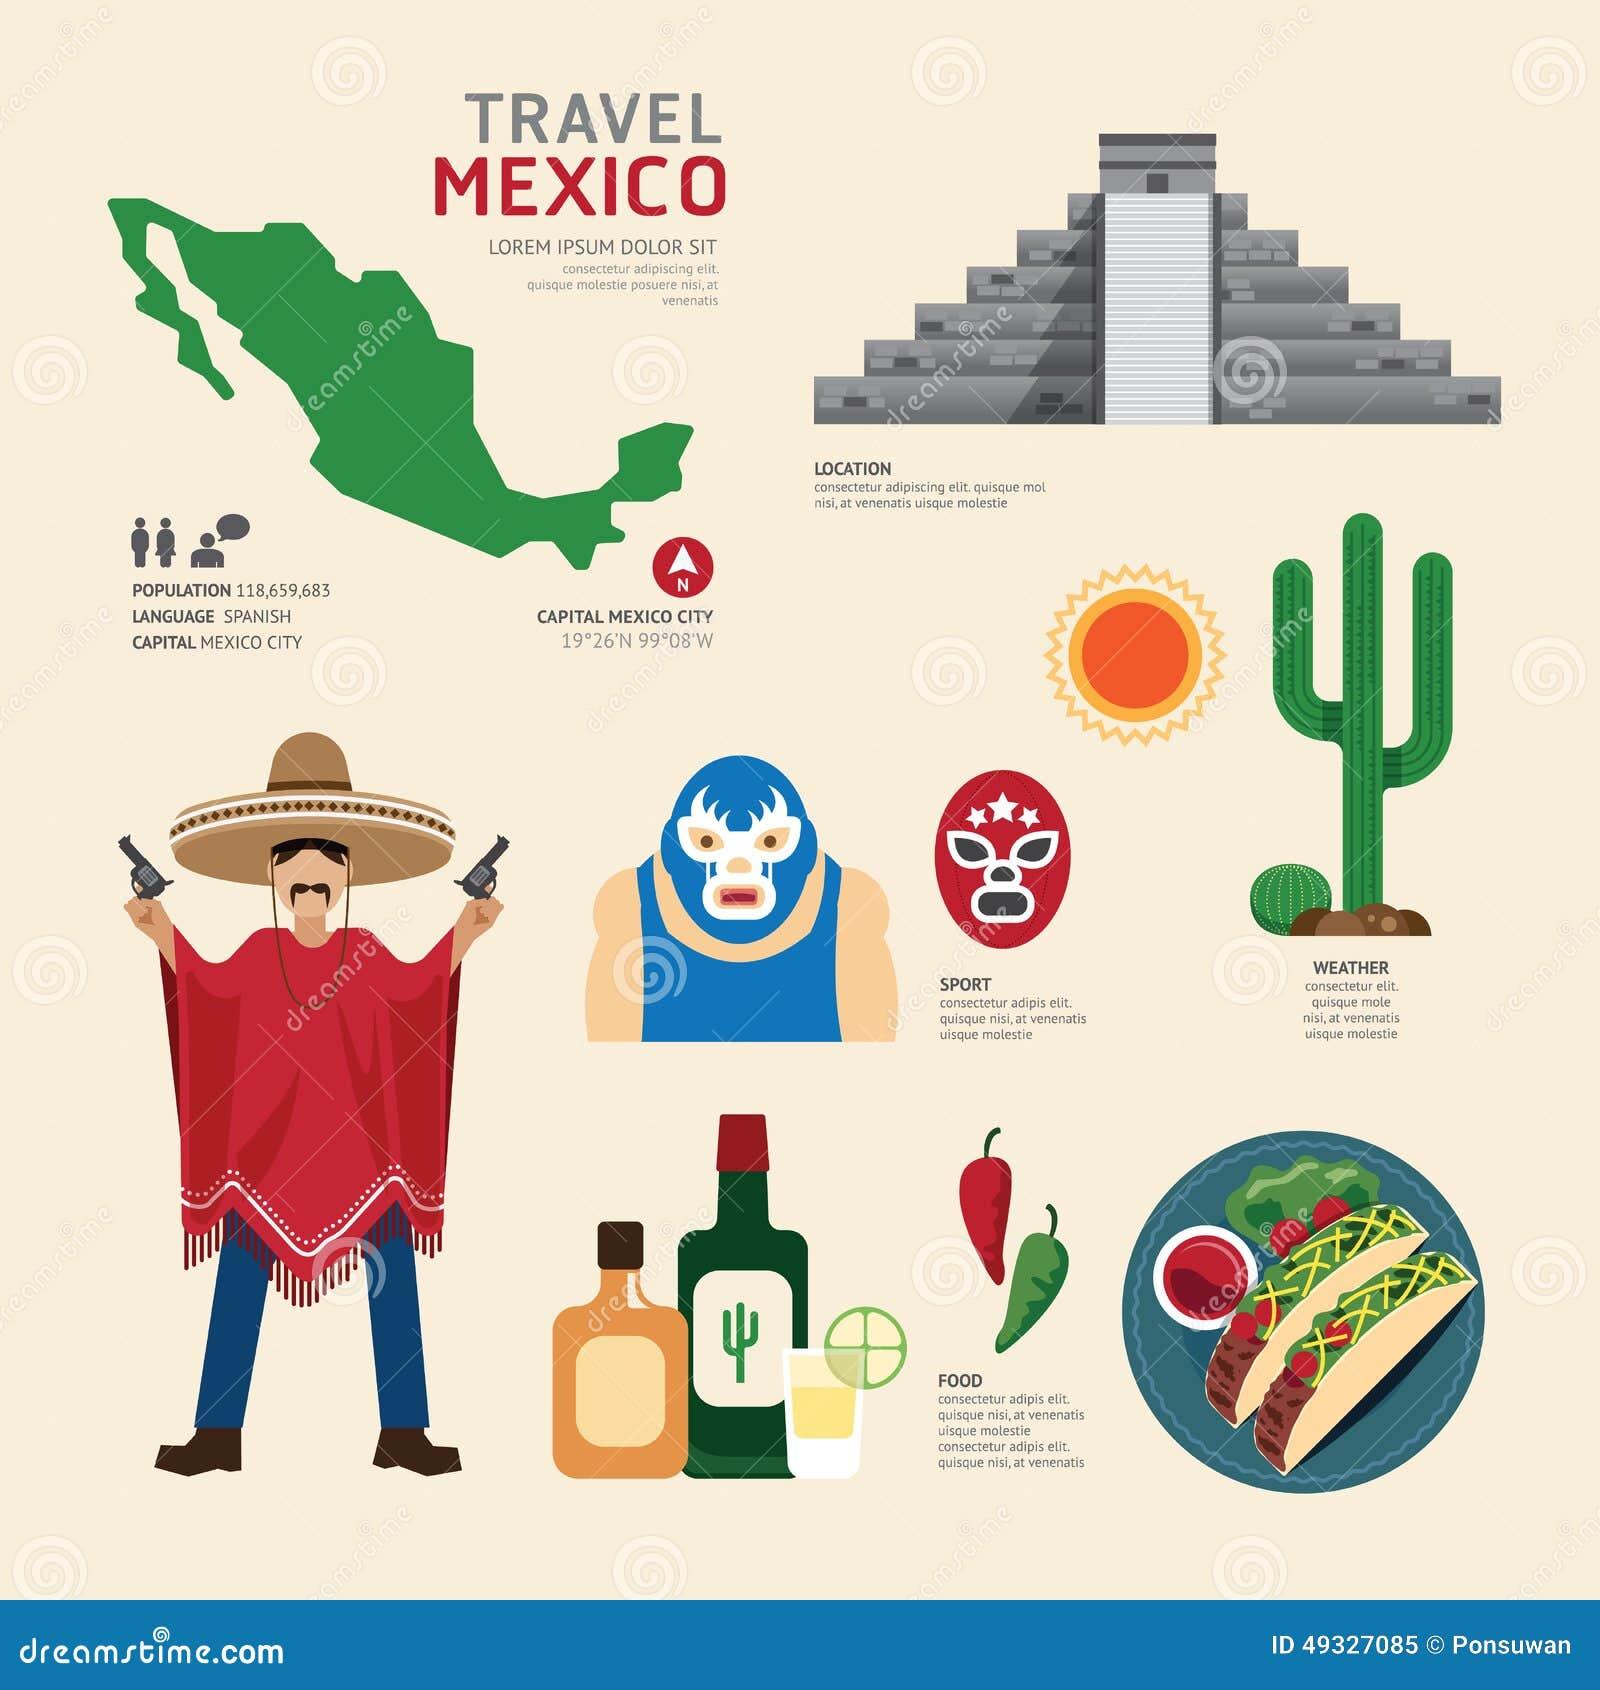 Ontwerp van het Oriëntatiepunt het Vlakke Pictogrammen van Mexico van het reisconcept Vector